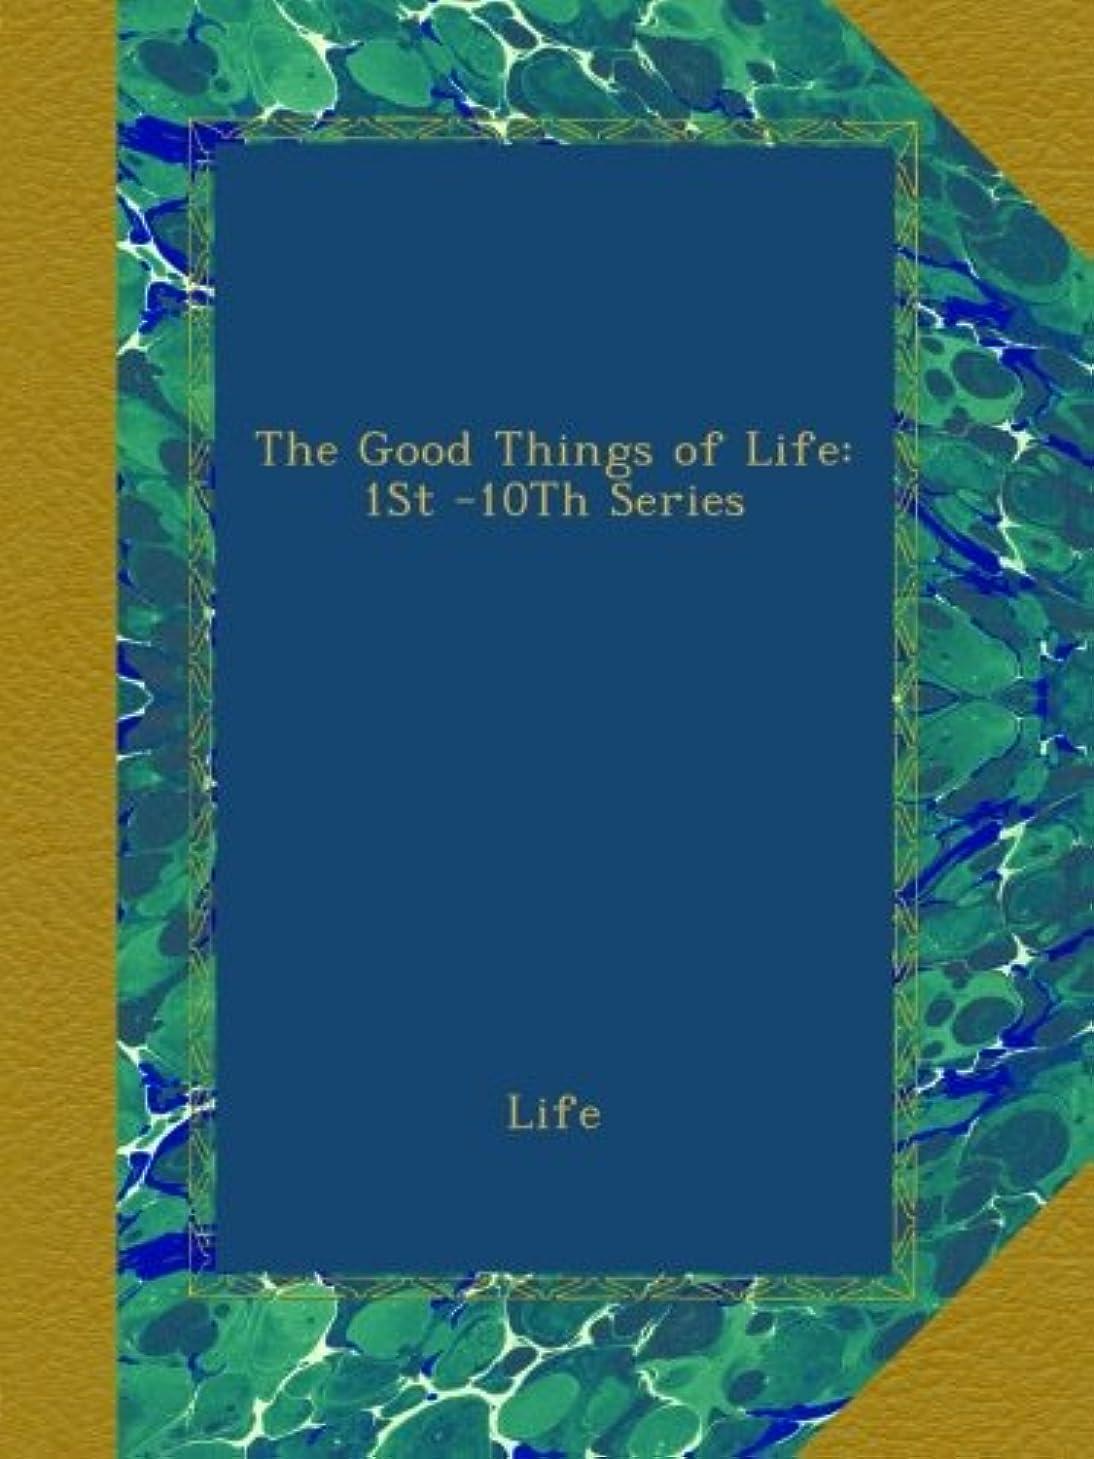 修道院軌道きしむThe Good Things of Life: 1St -10Th Series